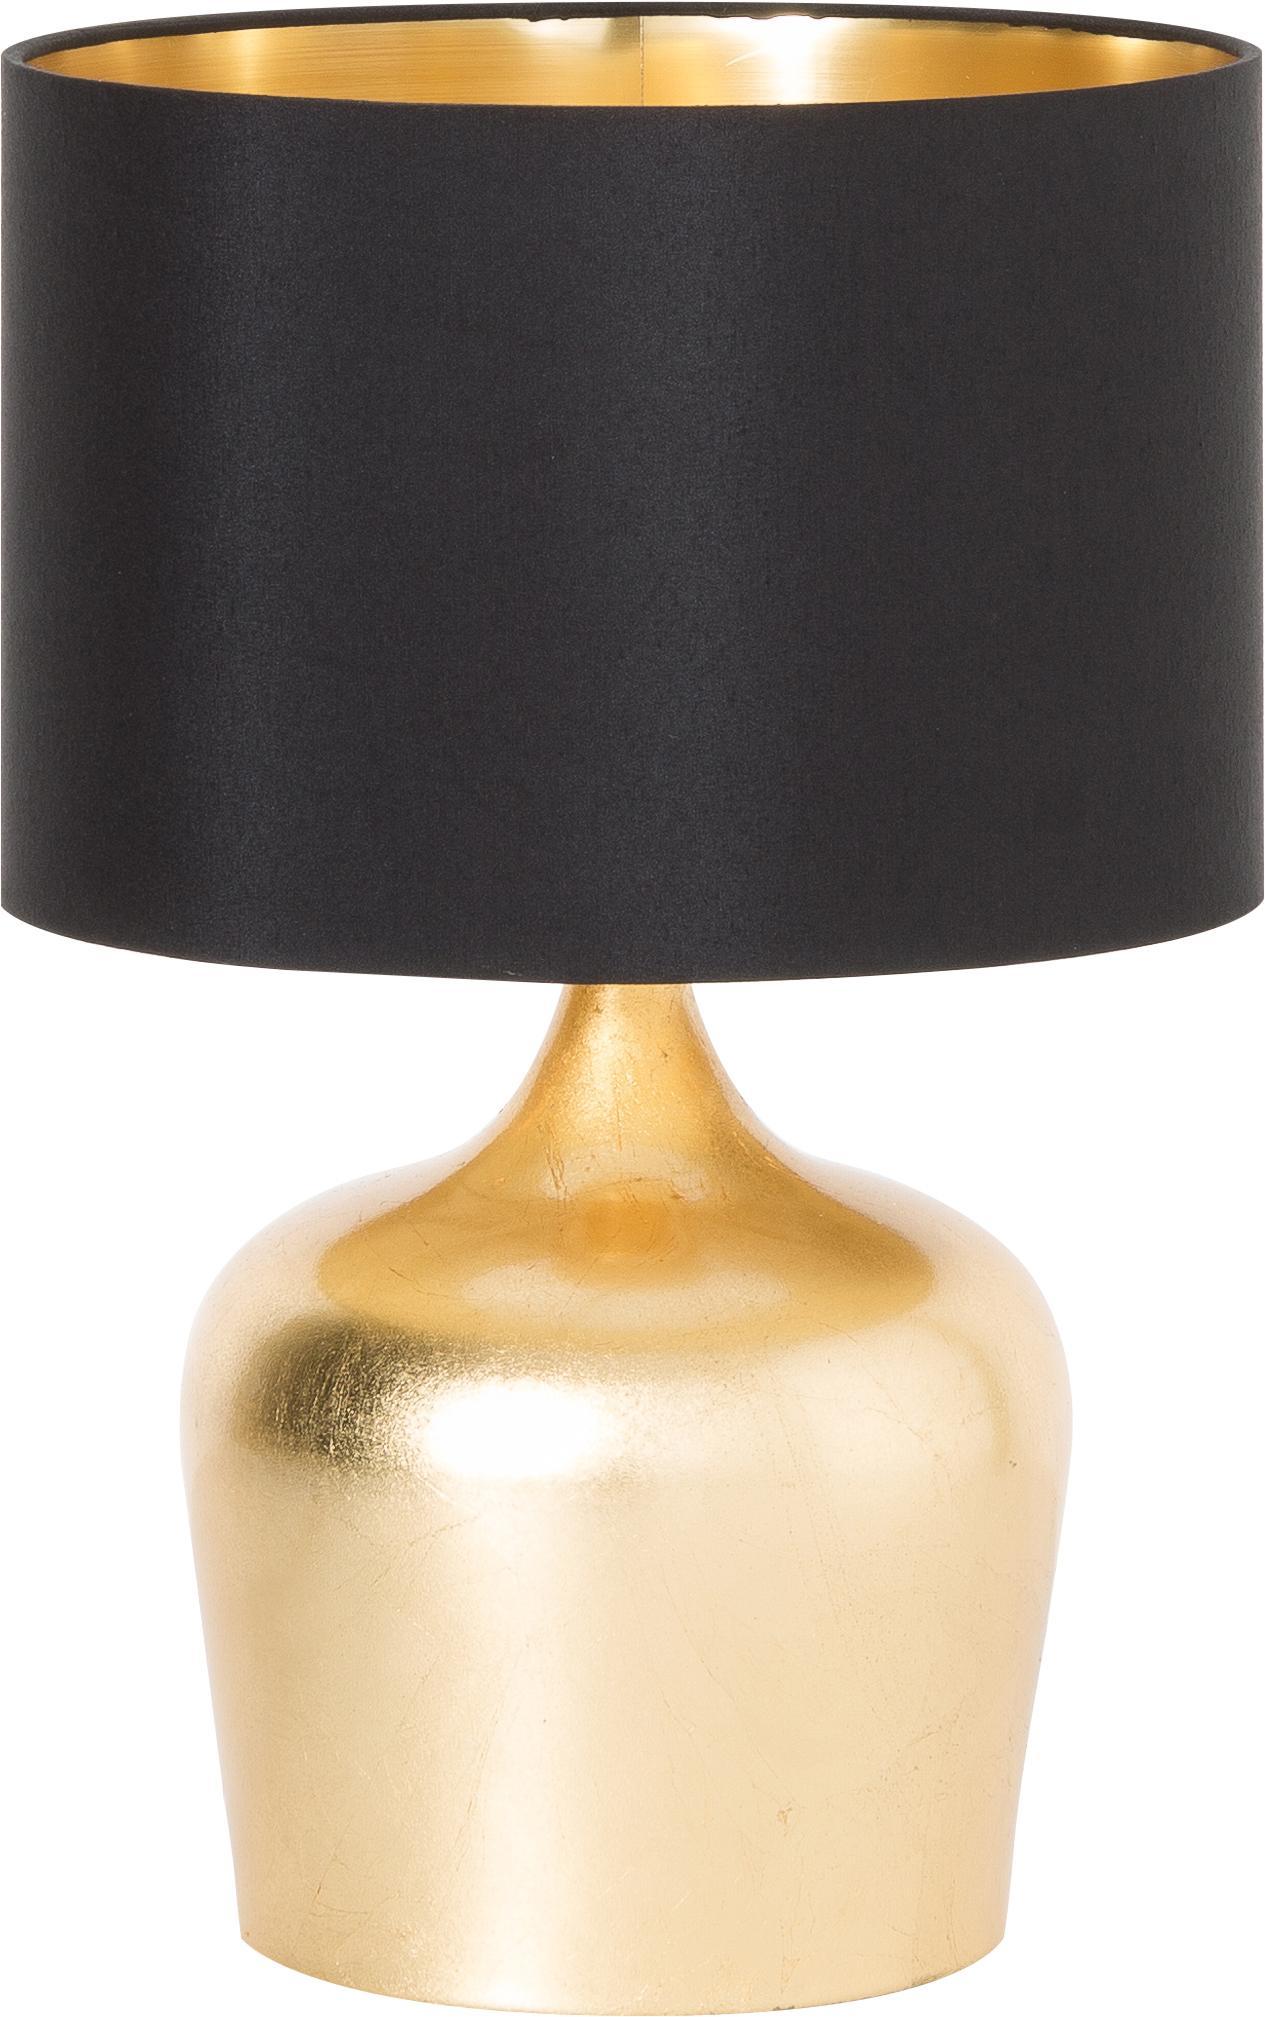 Lampa stołowa Manalba, Czarny, odcienie złotego, Ø 25 x 38 cm